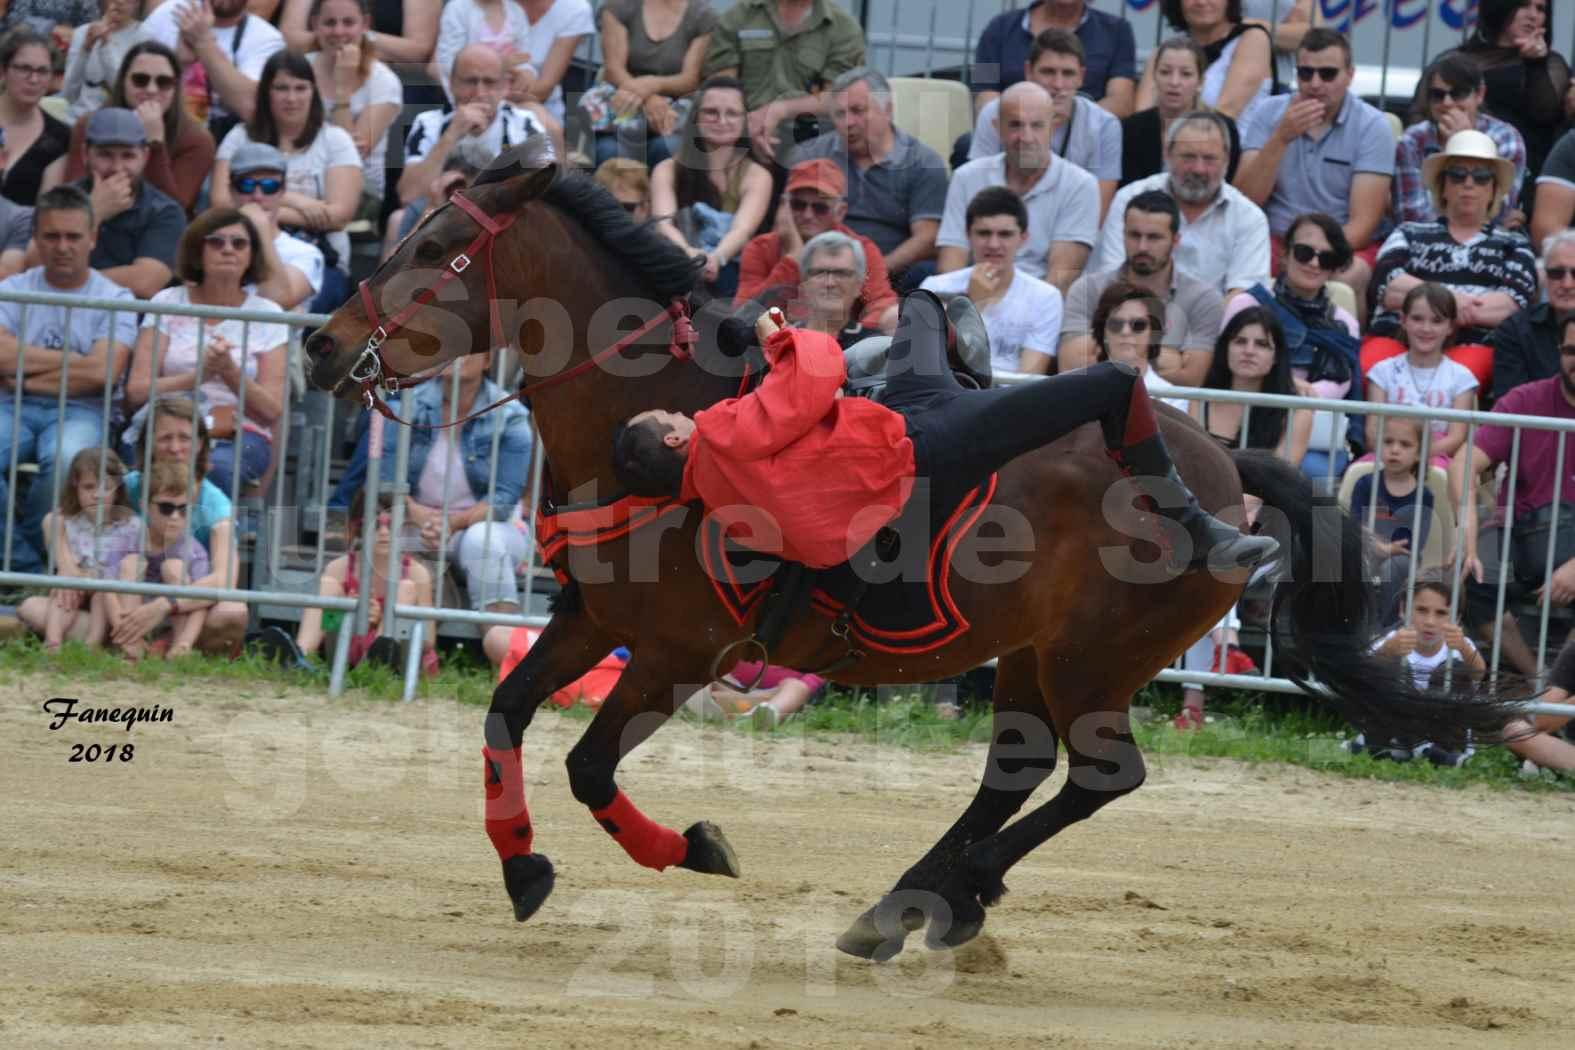 Spectacle Équestre le 3 juin 2018 à Saint Gély du Fesc - Voltige équestre - Troupe de Jean Antoine FIRMIN - 36